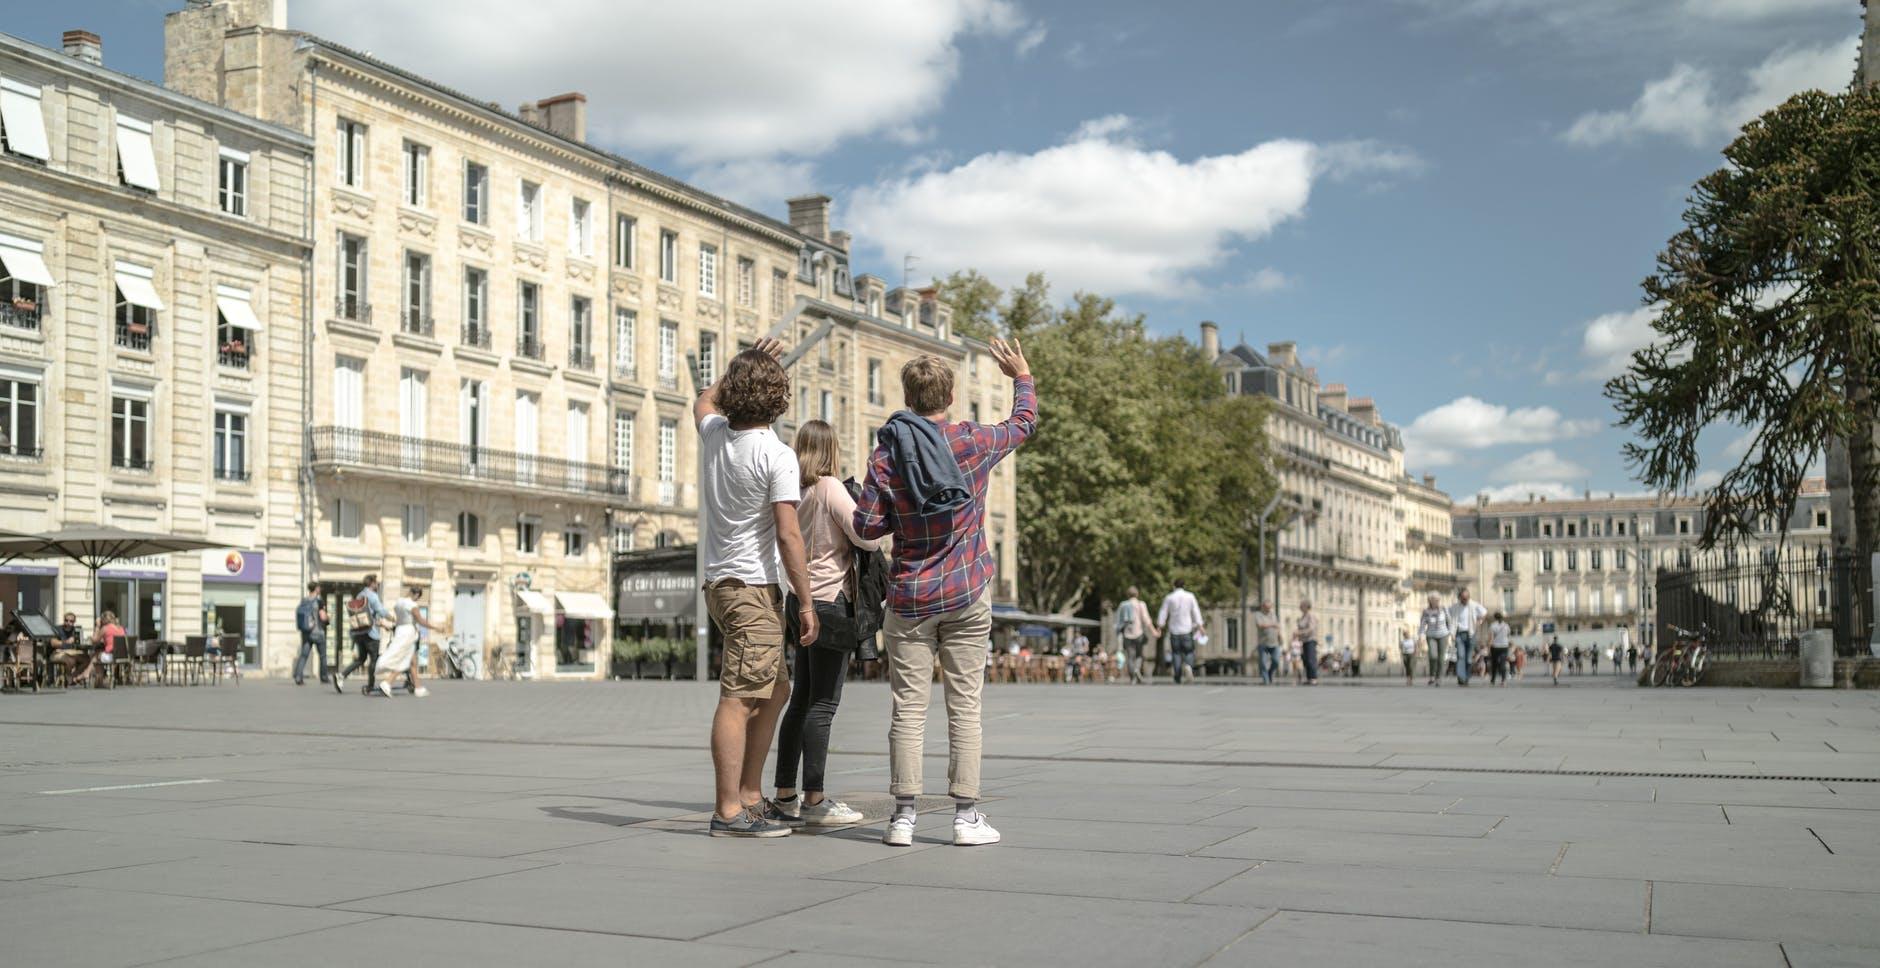 Visiteurs de la ville de Bordeaux